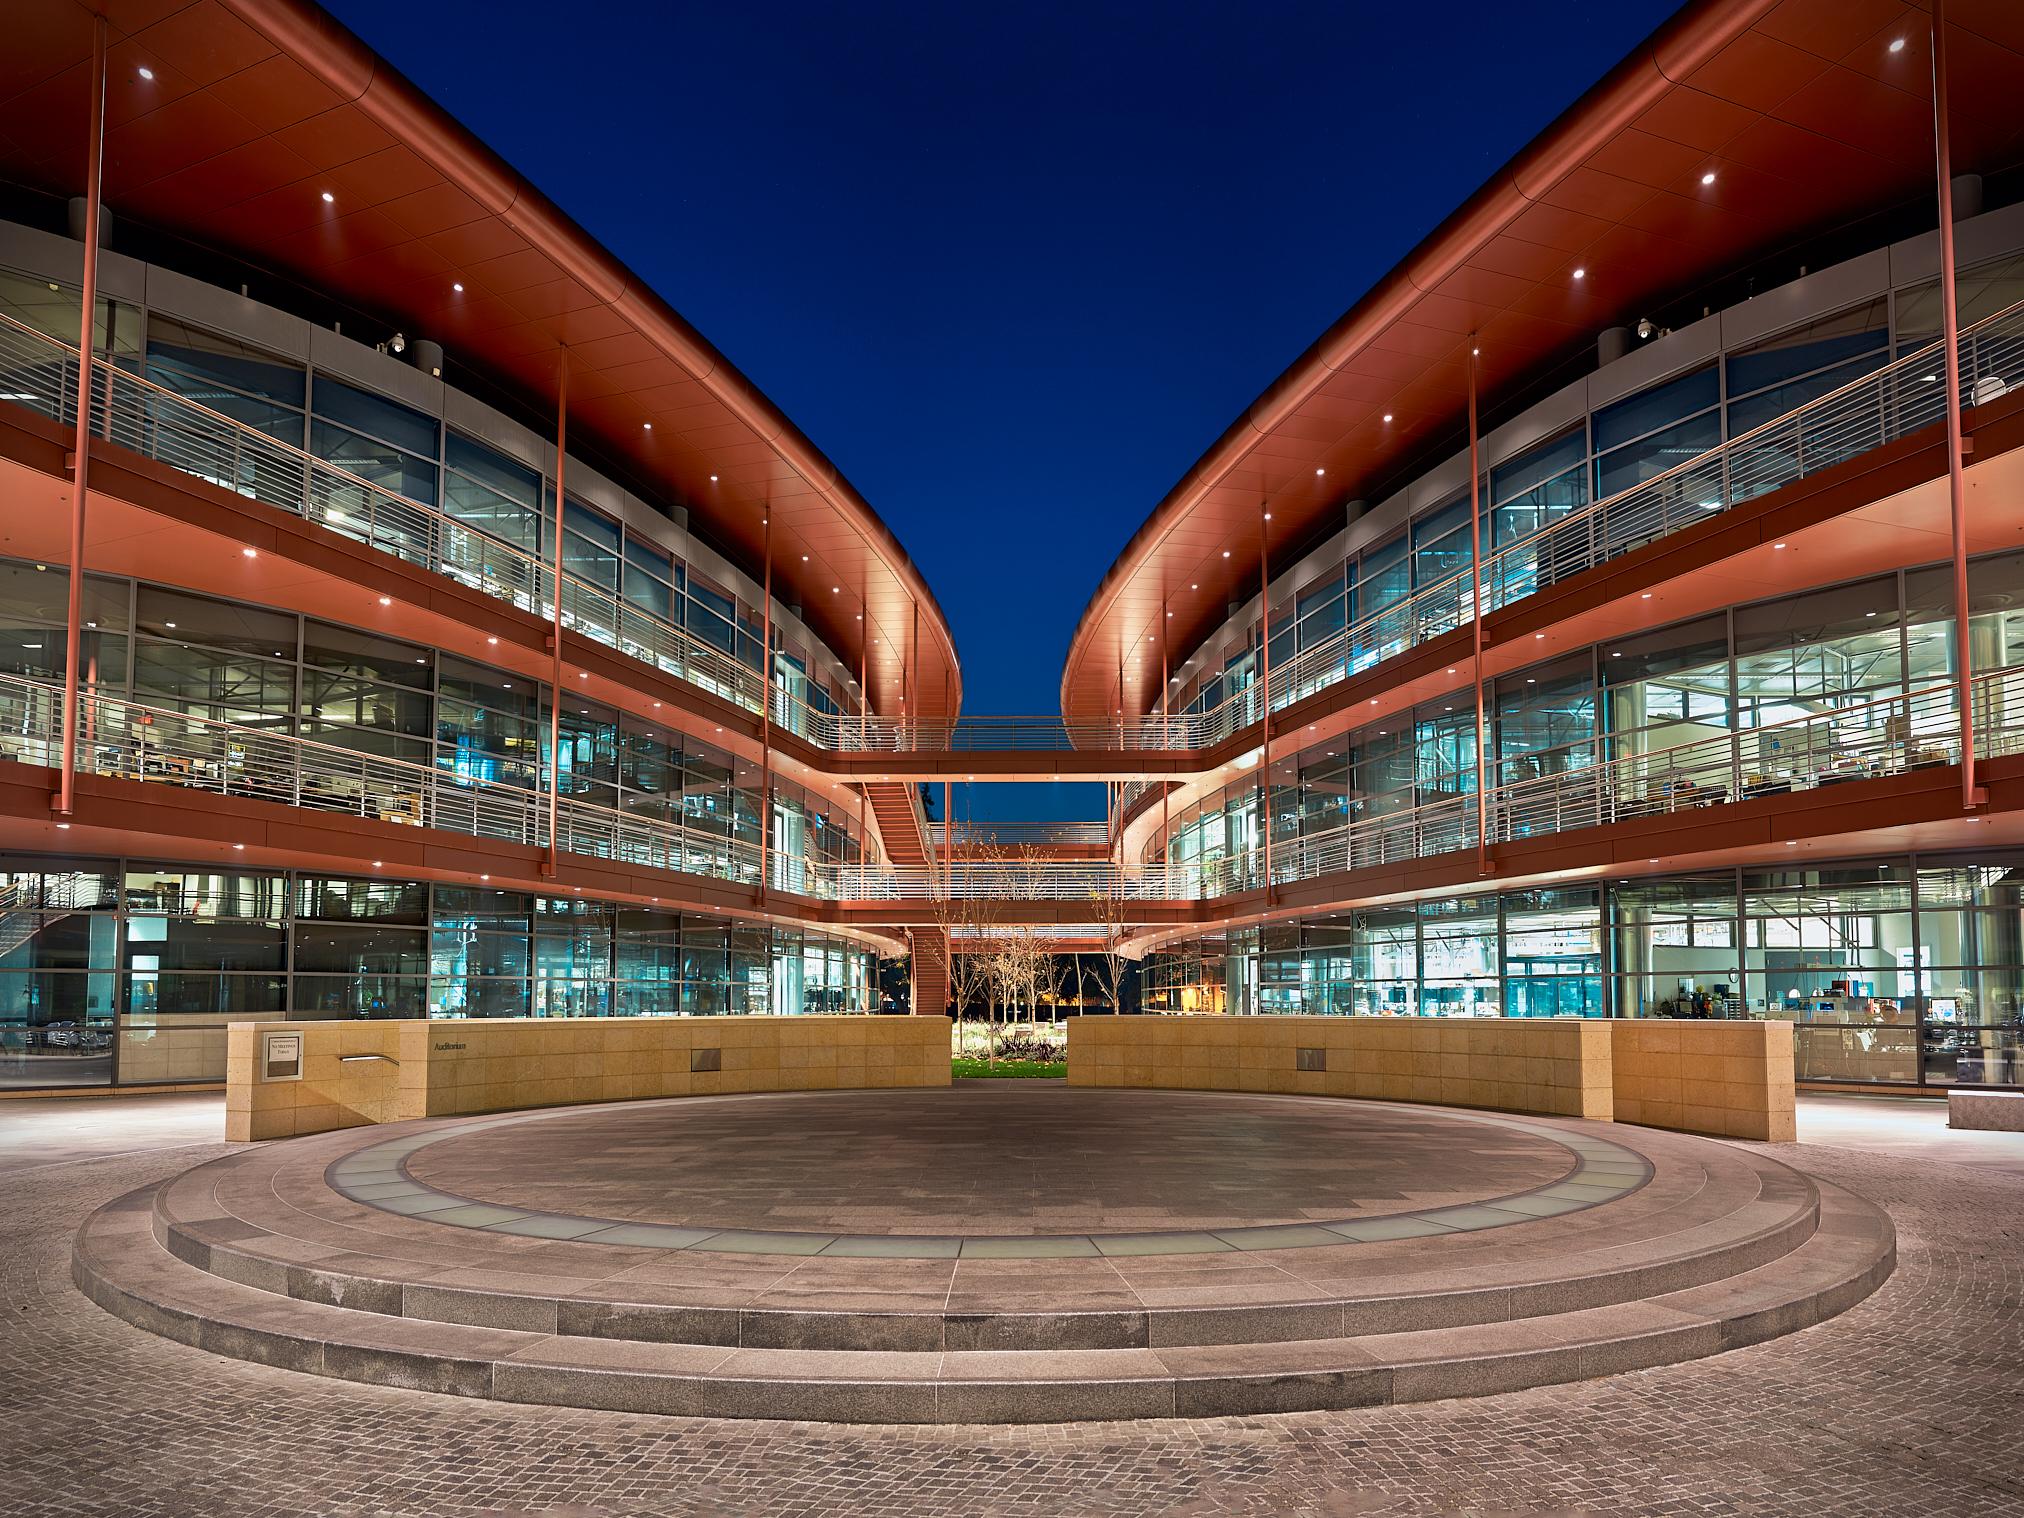 James H. Clark Center by Peter Adams.